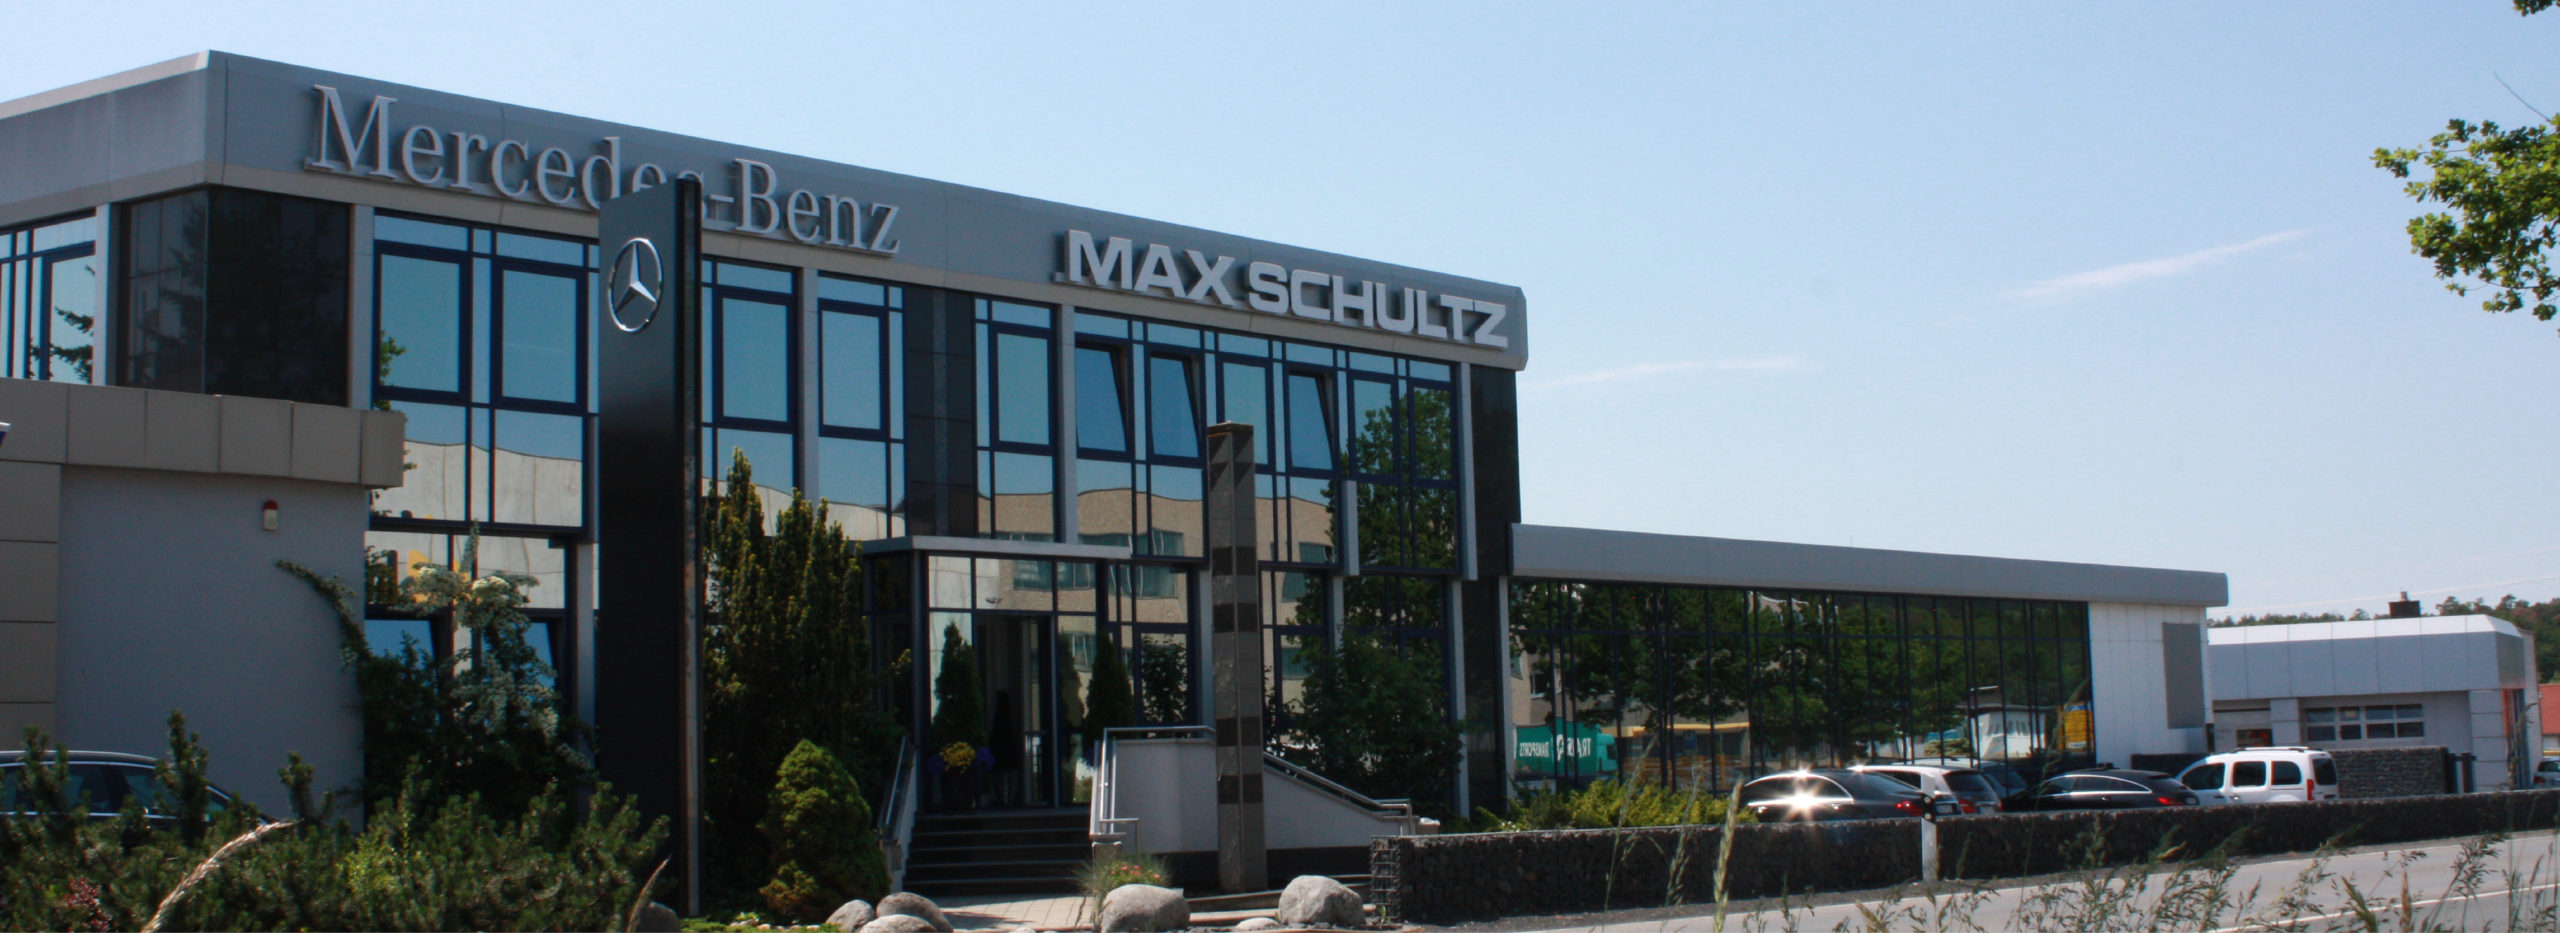 Autohaus_Max-Schultz-Standort-Sonnefeld